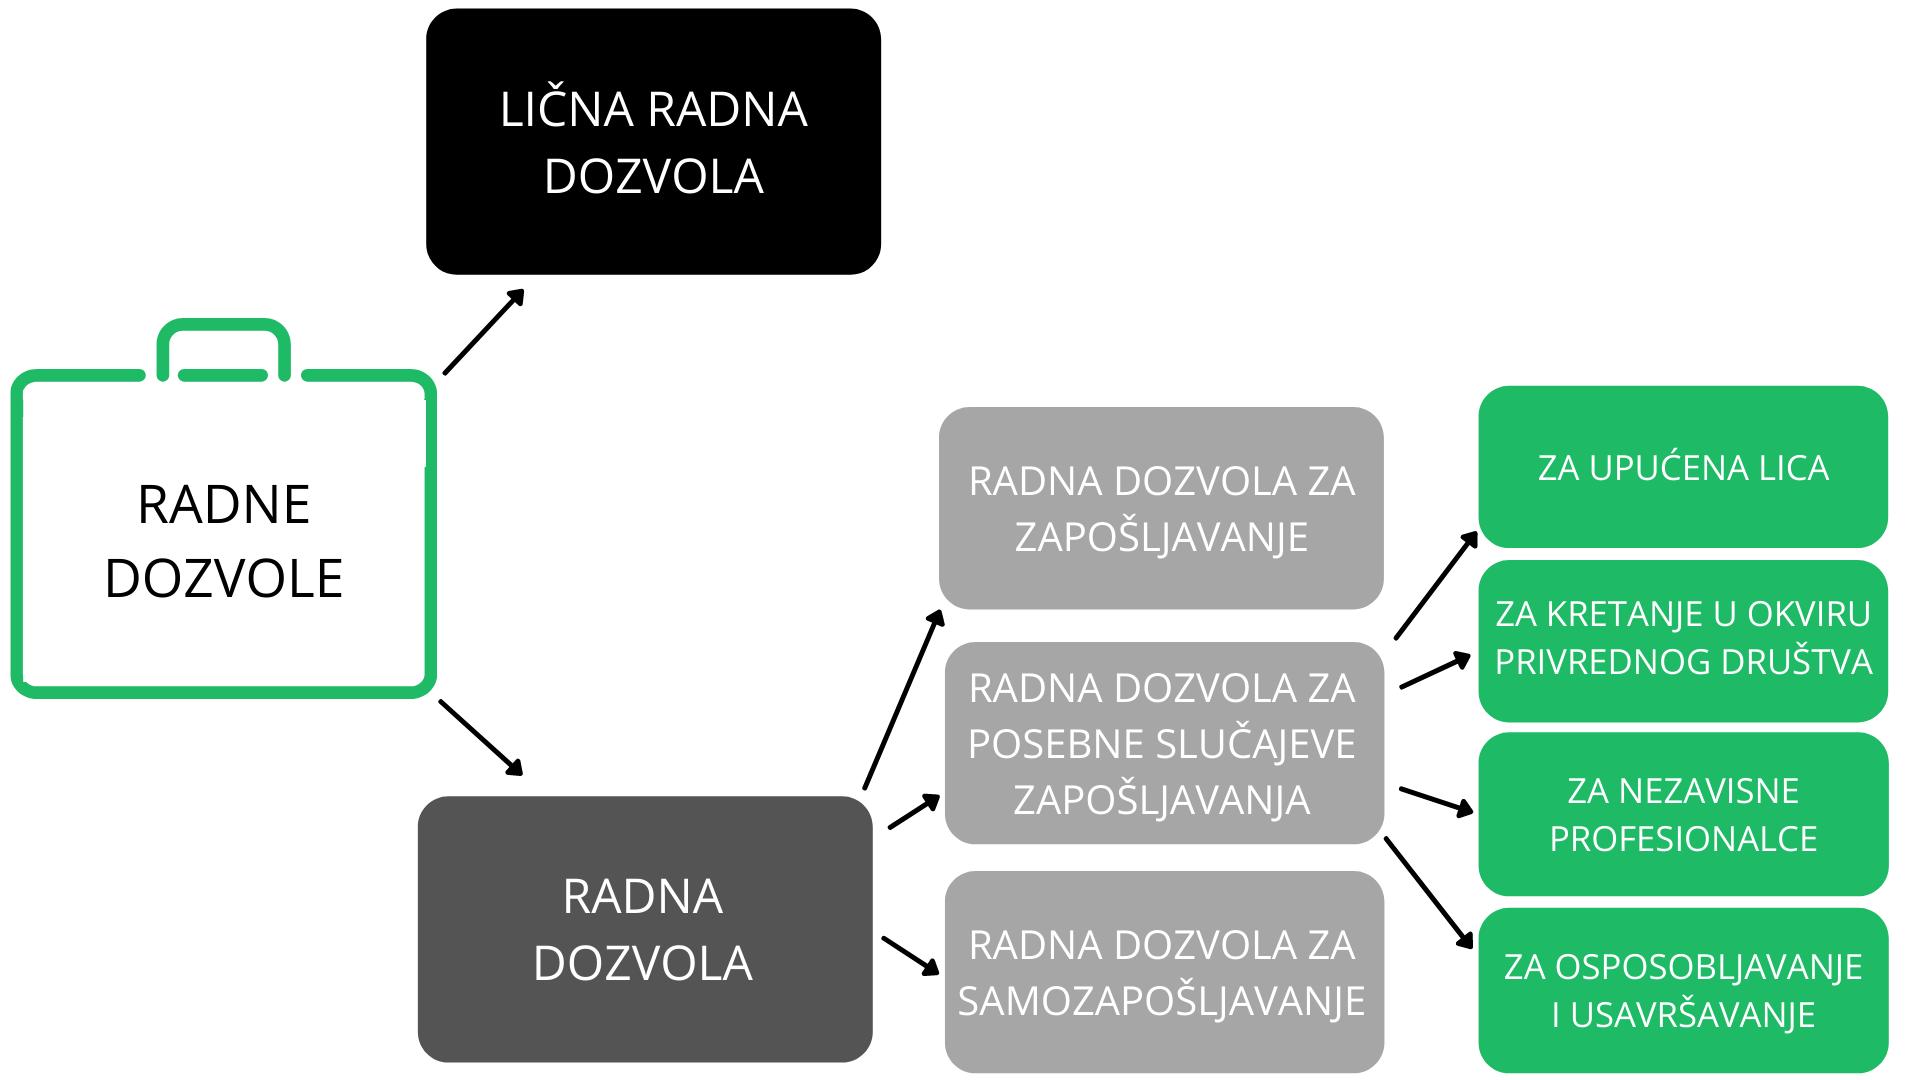 Radne dozvole za strance, Radna dozvola za strance, Radna dozvola za strance u srbiji